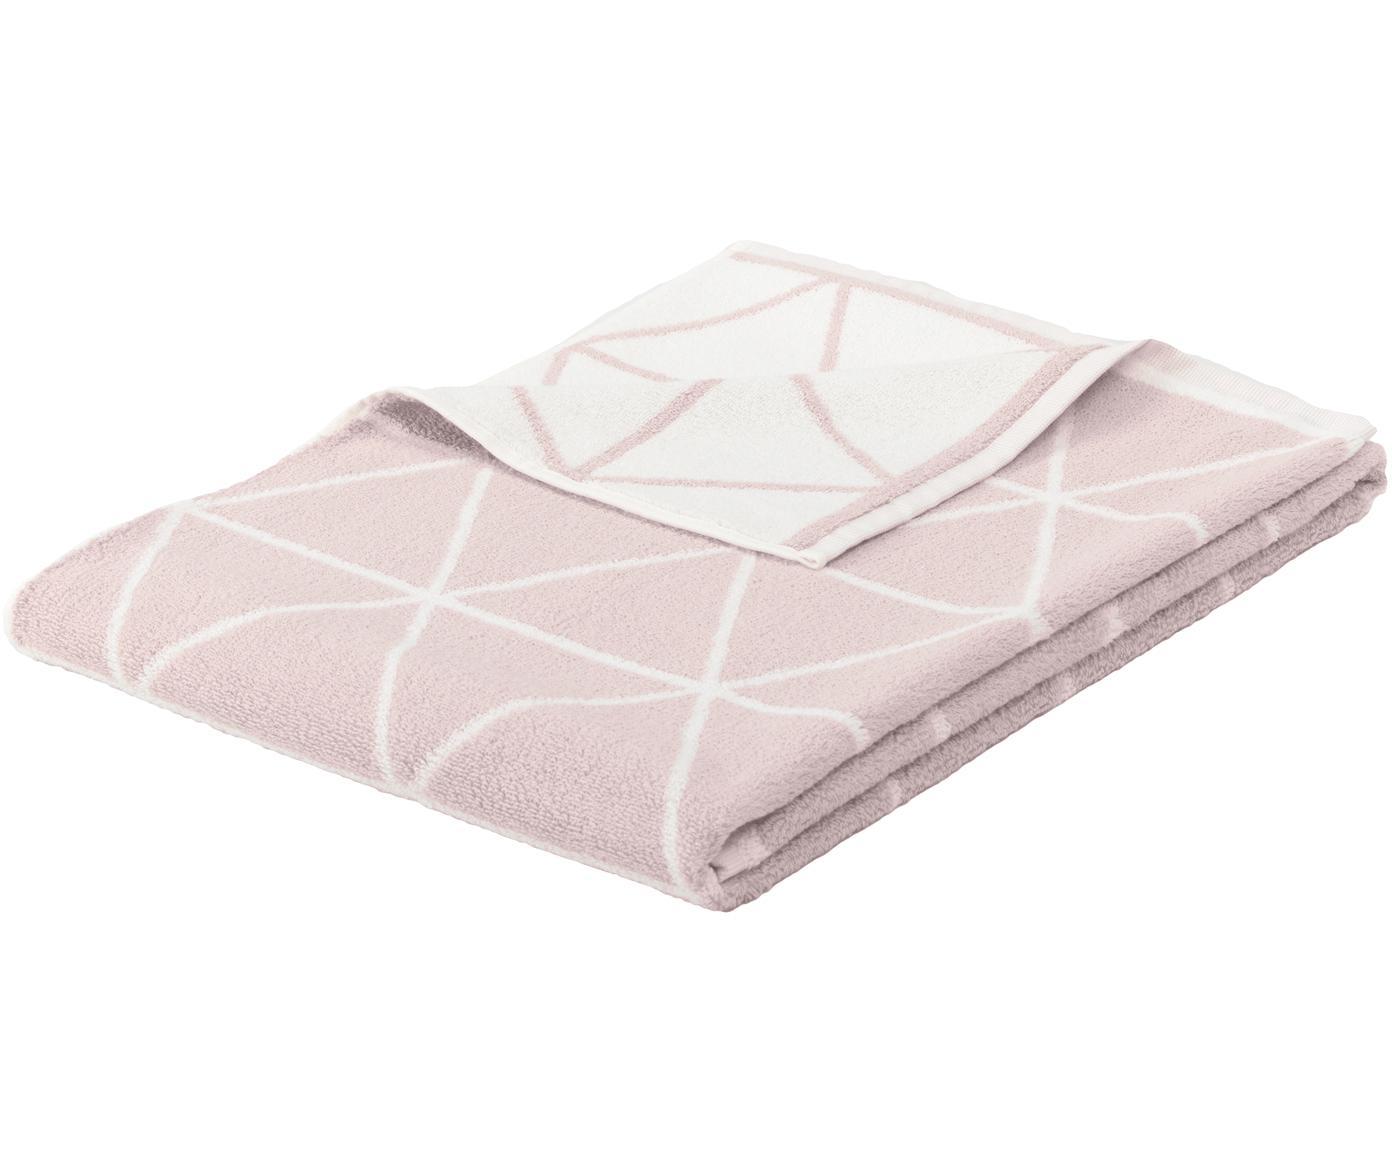 Wende-Handtuch Elina in verschiedenen Grössen, mit grafischem Muster, Rosa, Cremeweiss, Handtuch